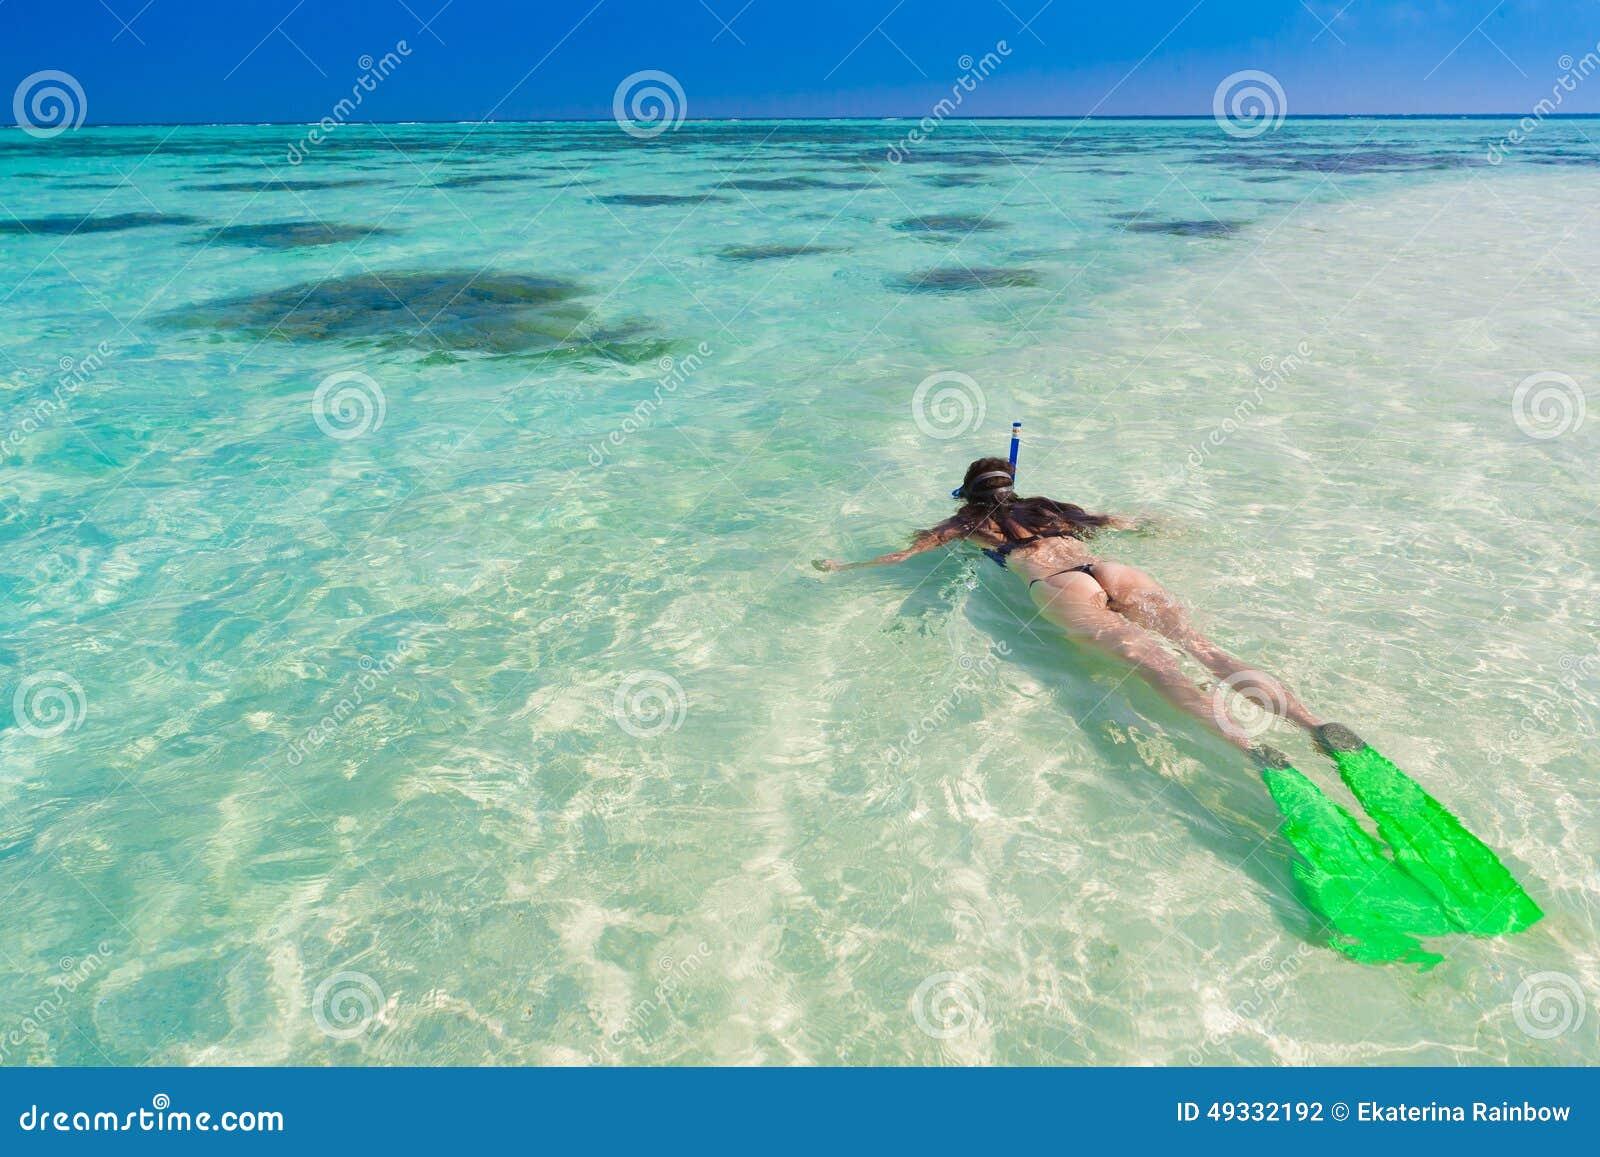 maldives womens